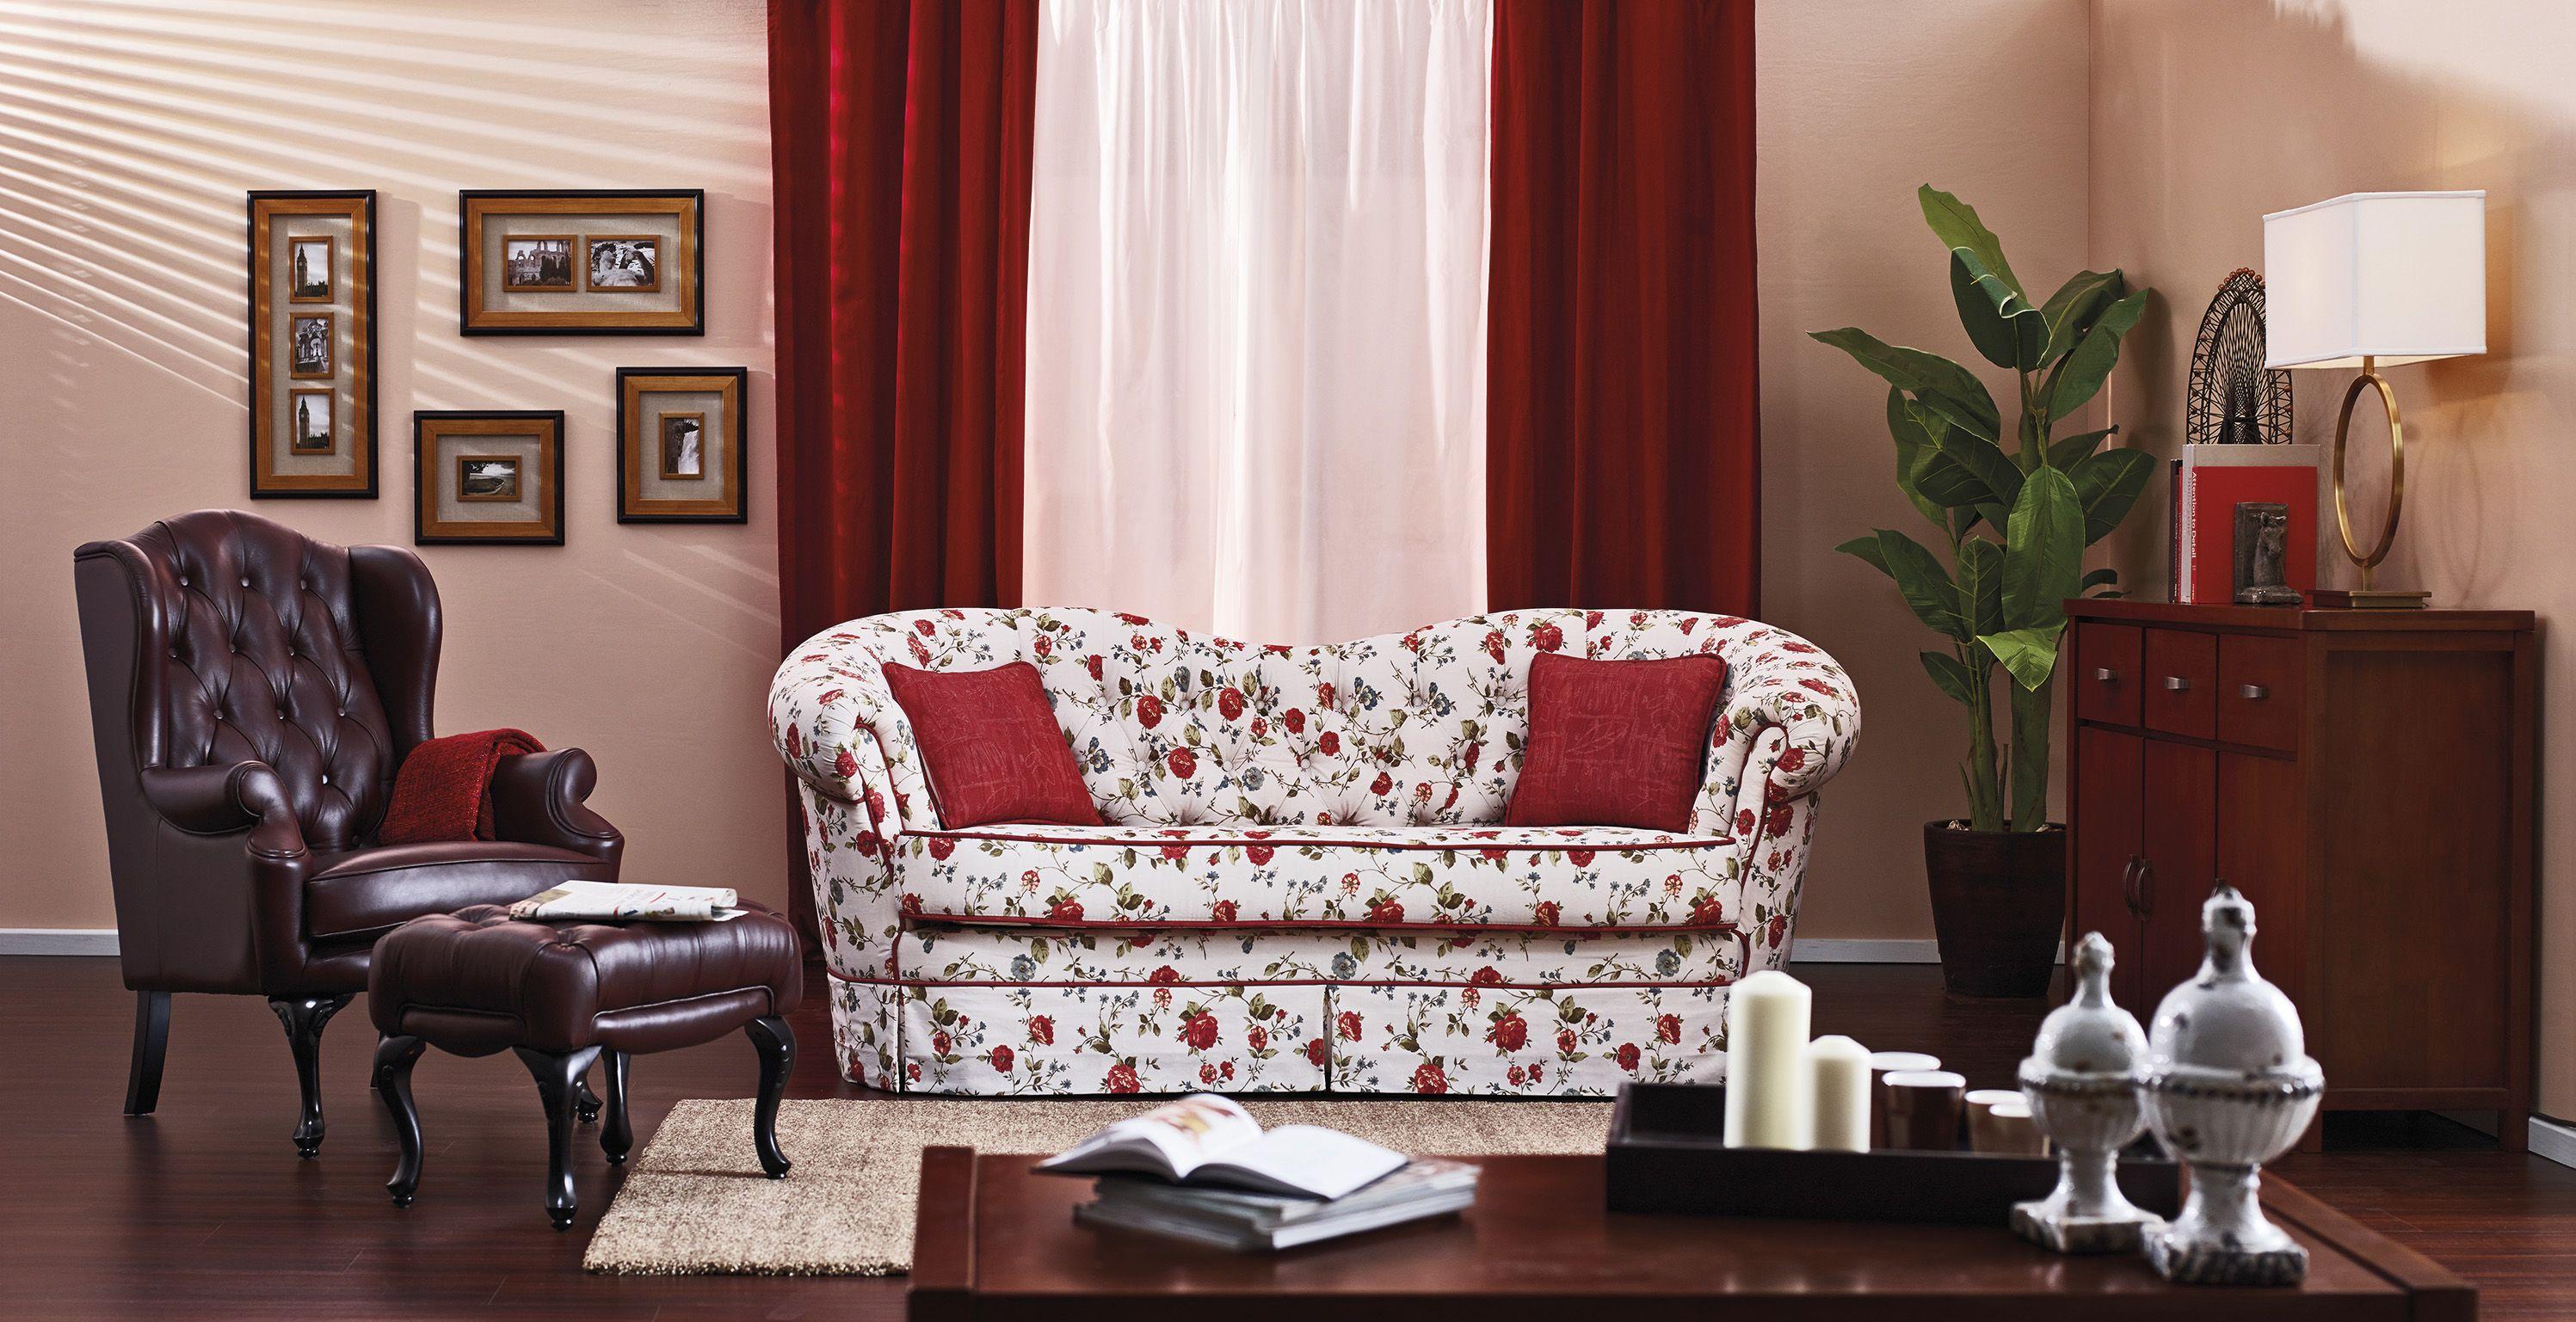 Virágzó bútorok - tavaszi lakberendezési inspirációk - Otthon24.hu